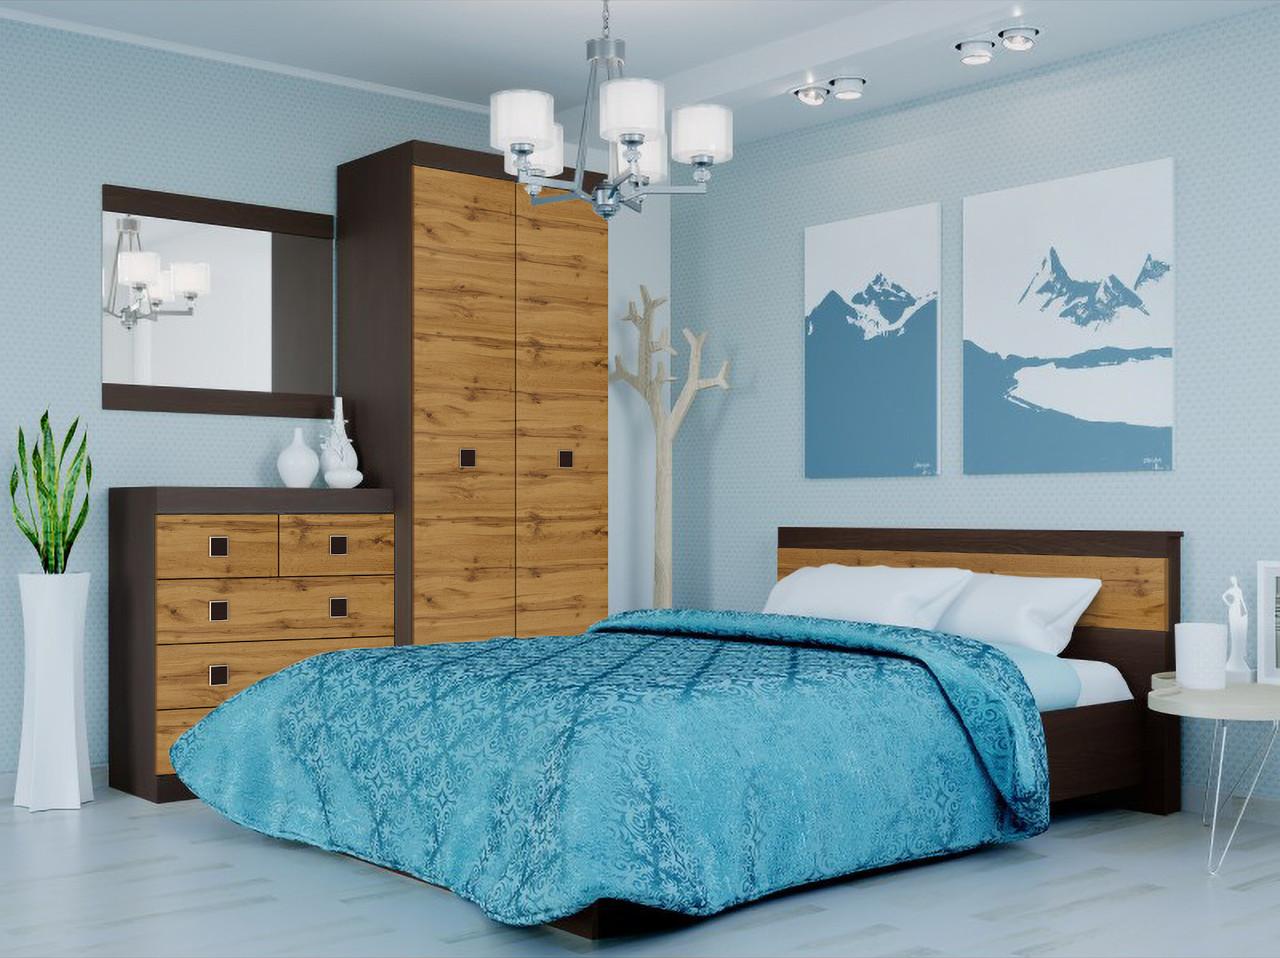 Спальня комплект 2 ЭВЕРЕСТ Венге темный + Белый, фото 3